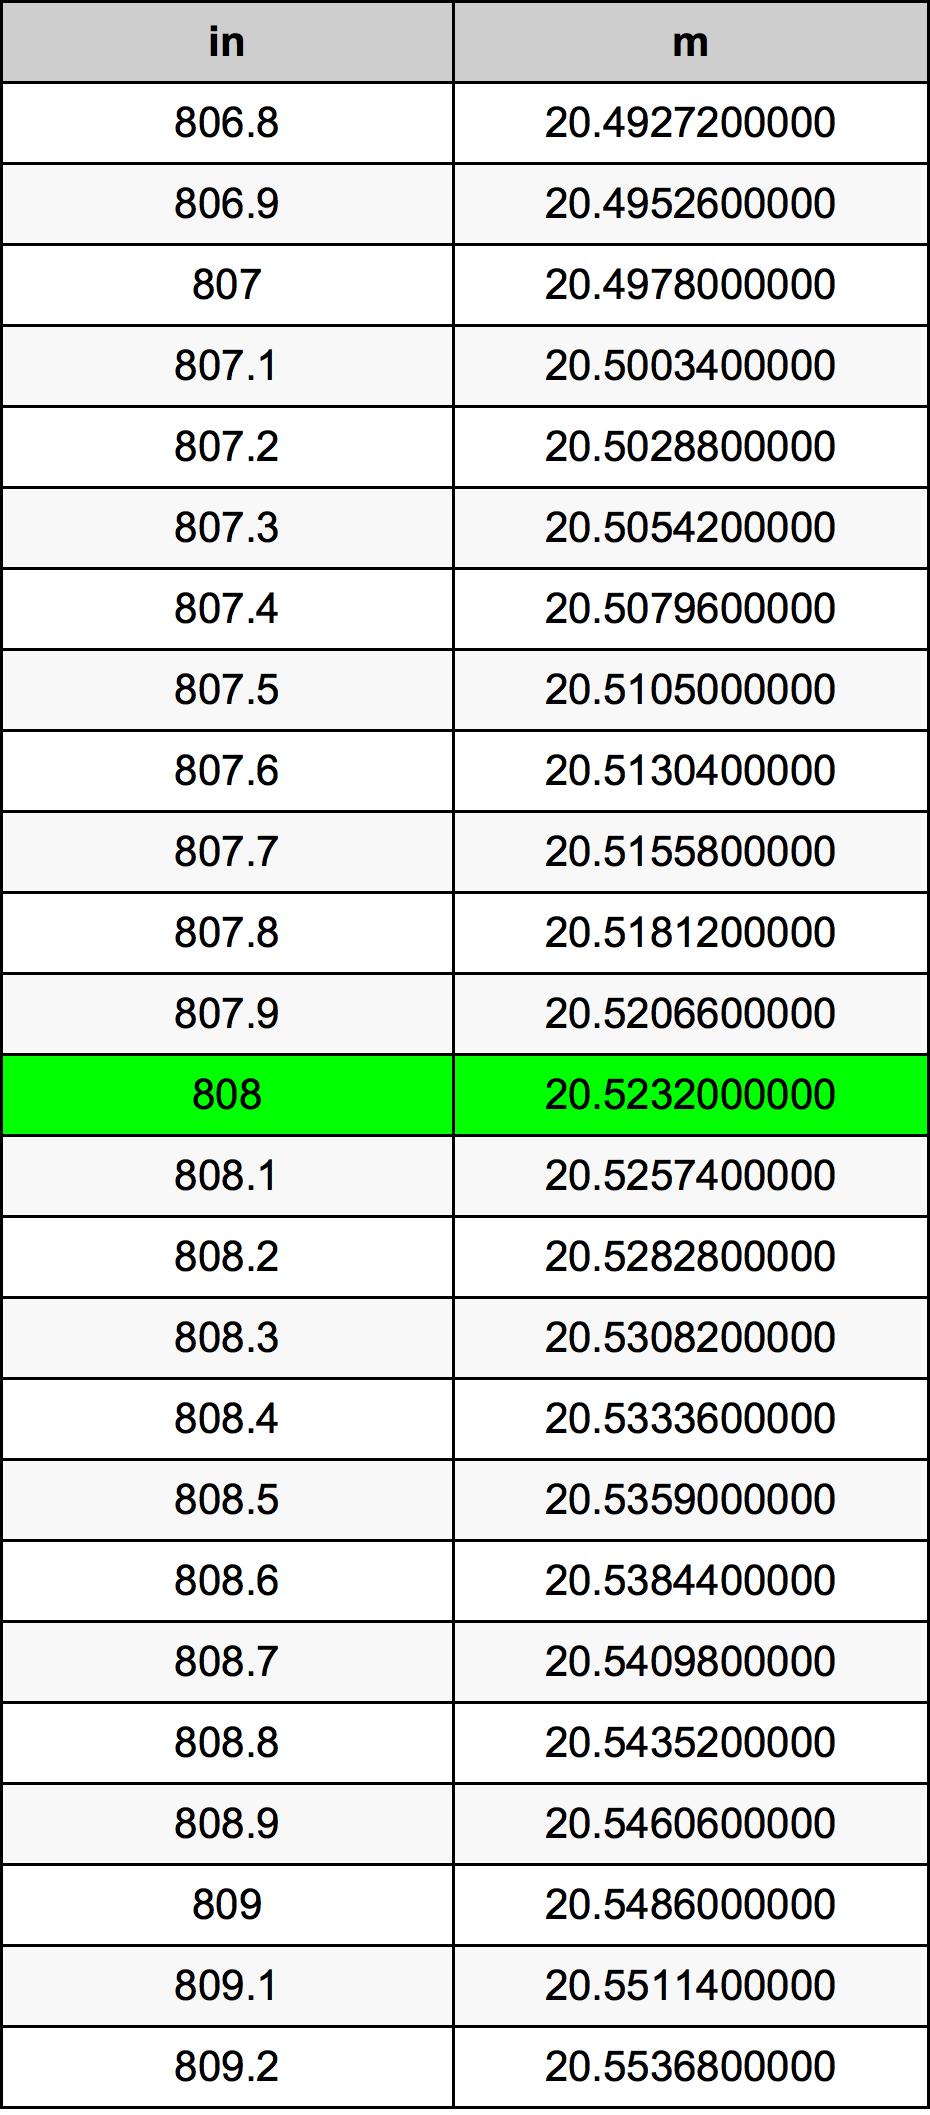 808 Țol tabelul de conversie